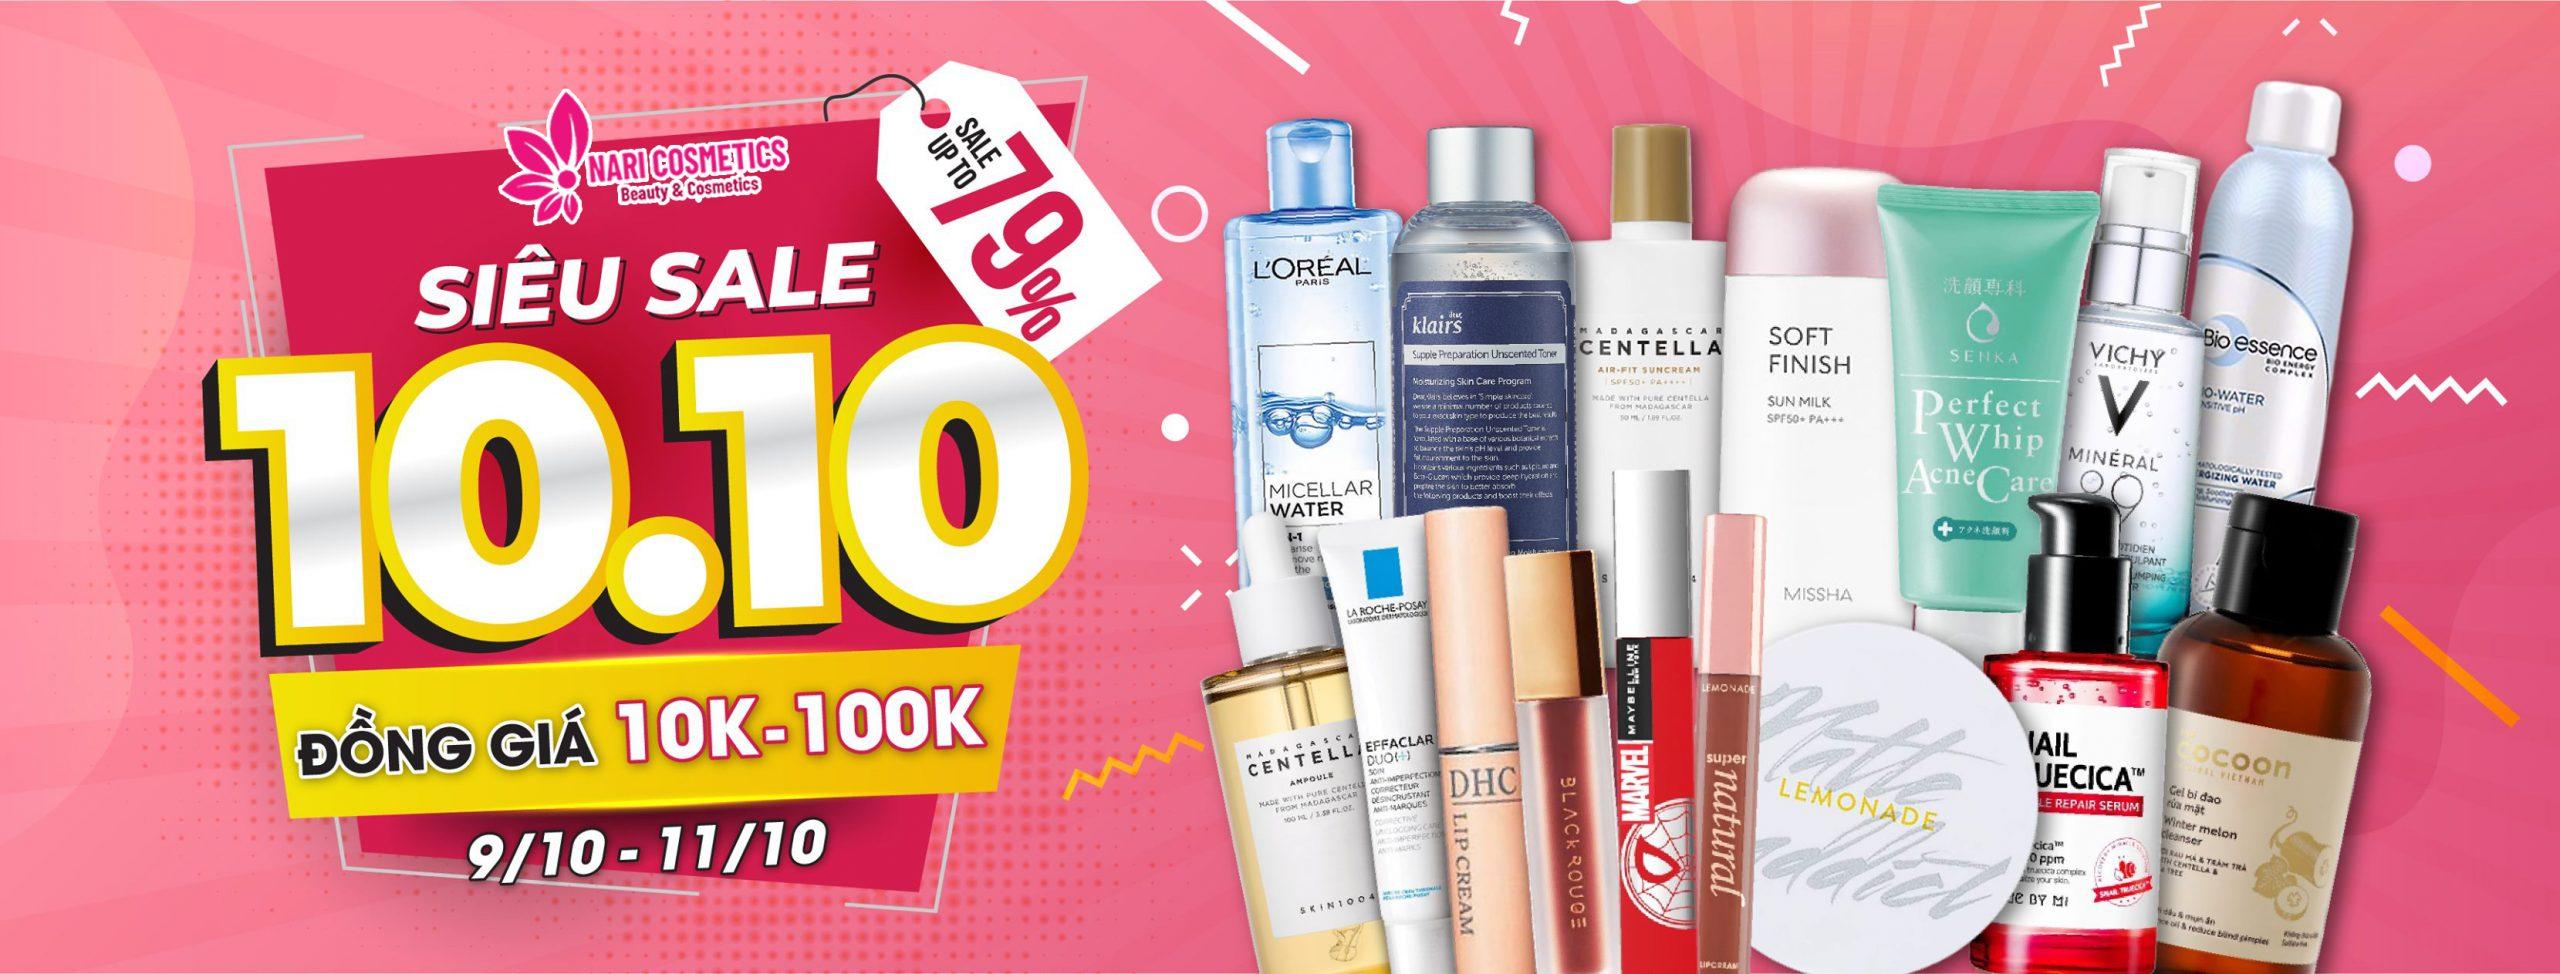 SIÊU SALE 10.10 – Sale Up To 79%, Đồng giá 10k, 100k từ 9/10-11/10